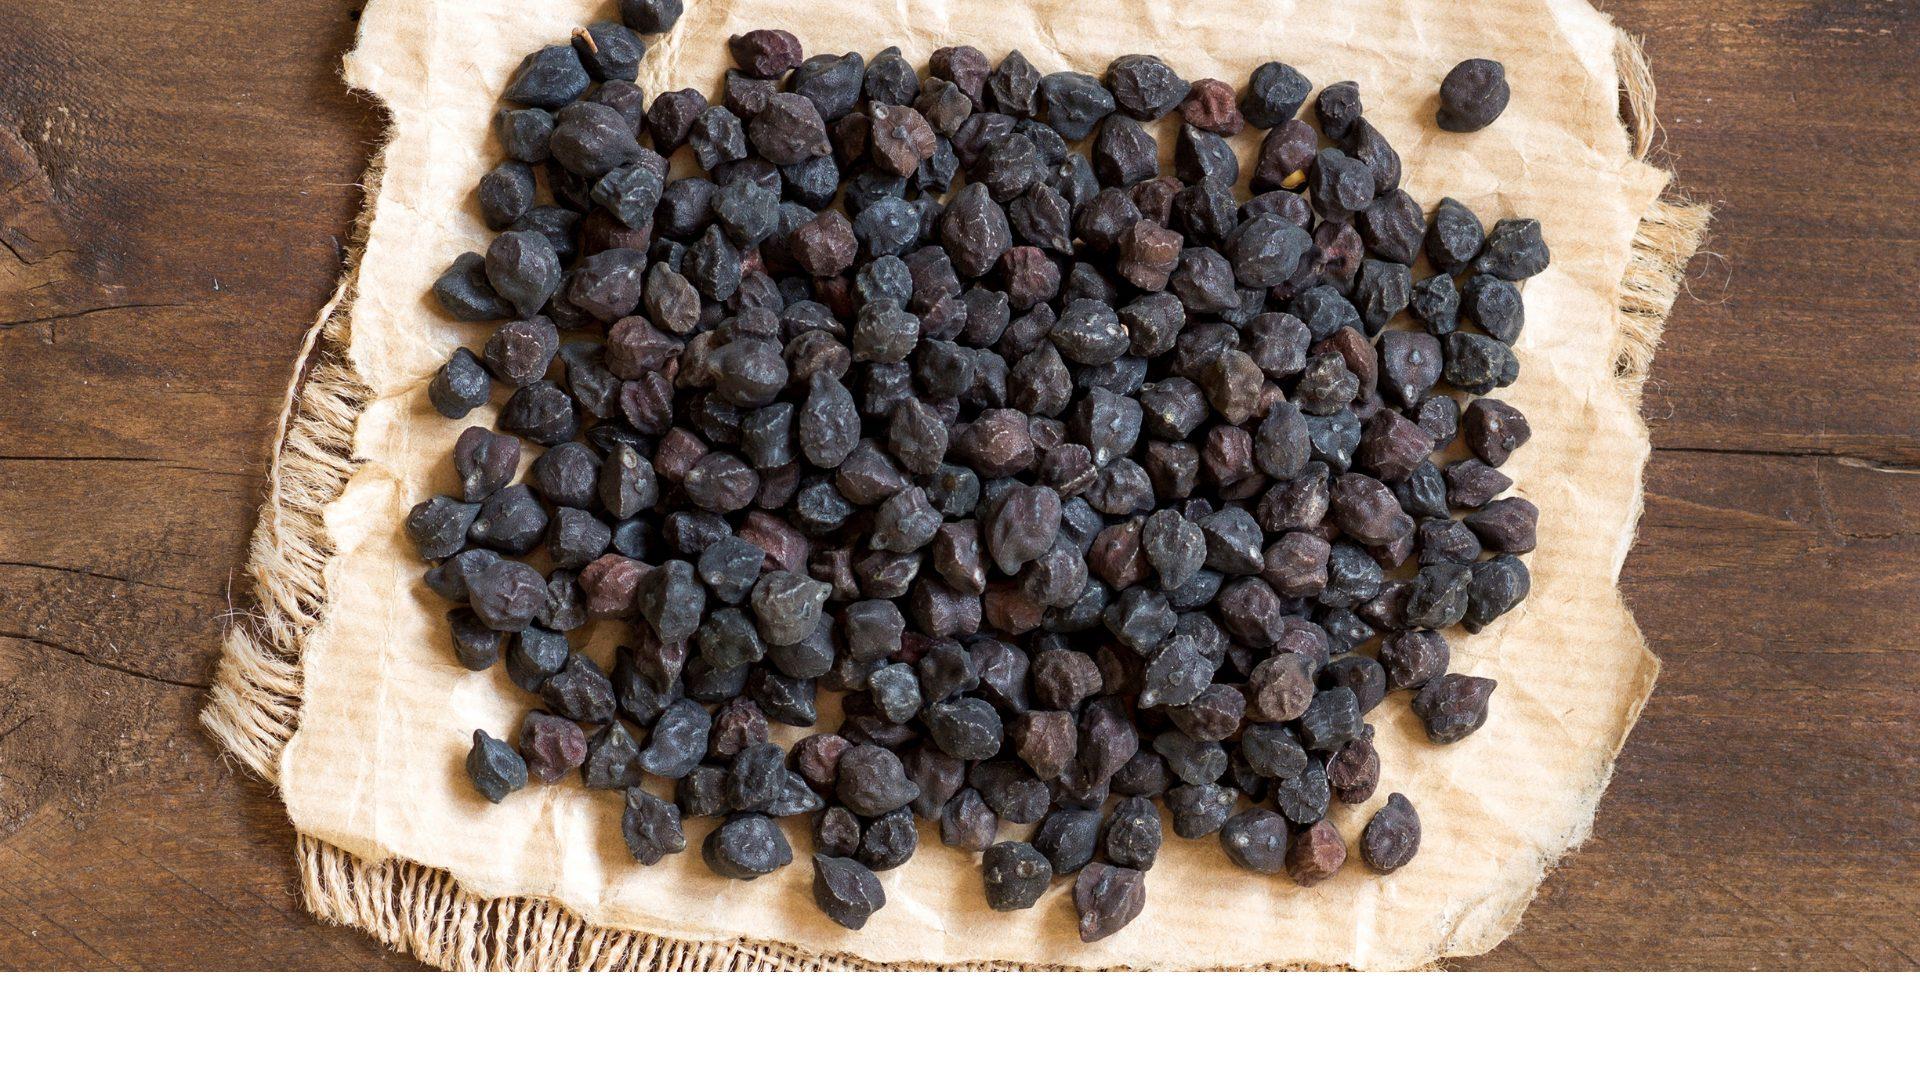 Il cece nero della Murgia carsica: storia, proprietà e consigli su come usarlo in cucina